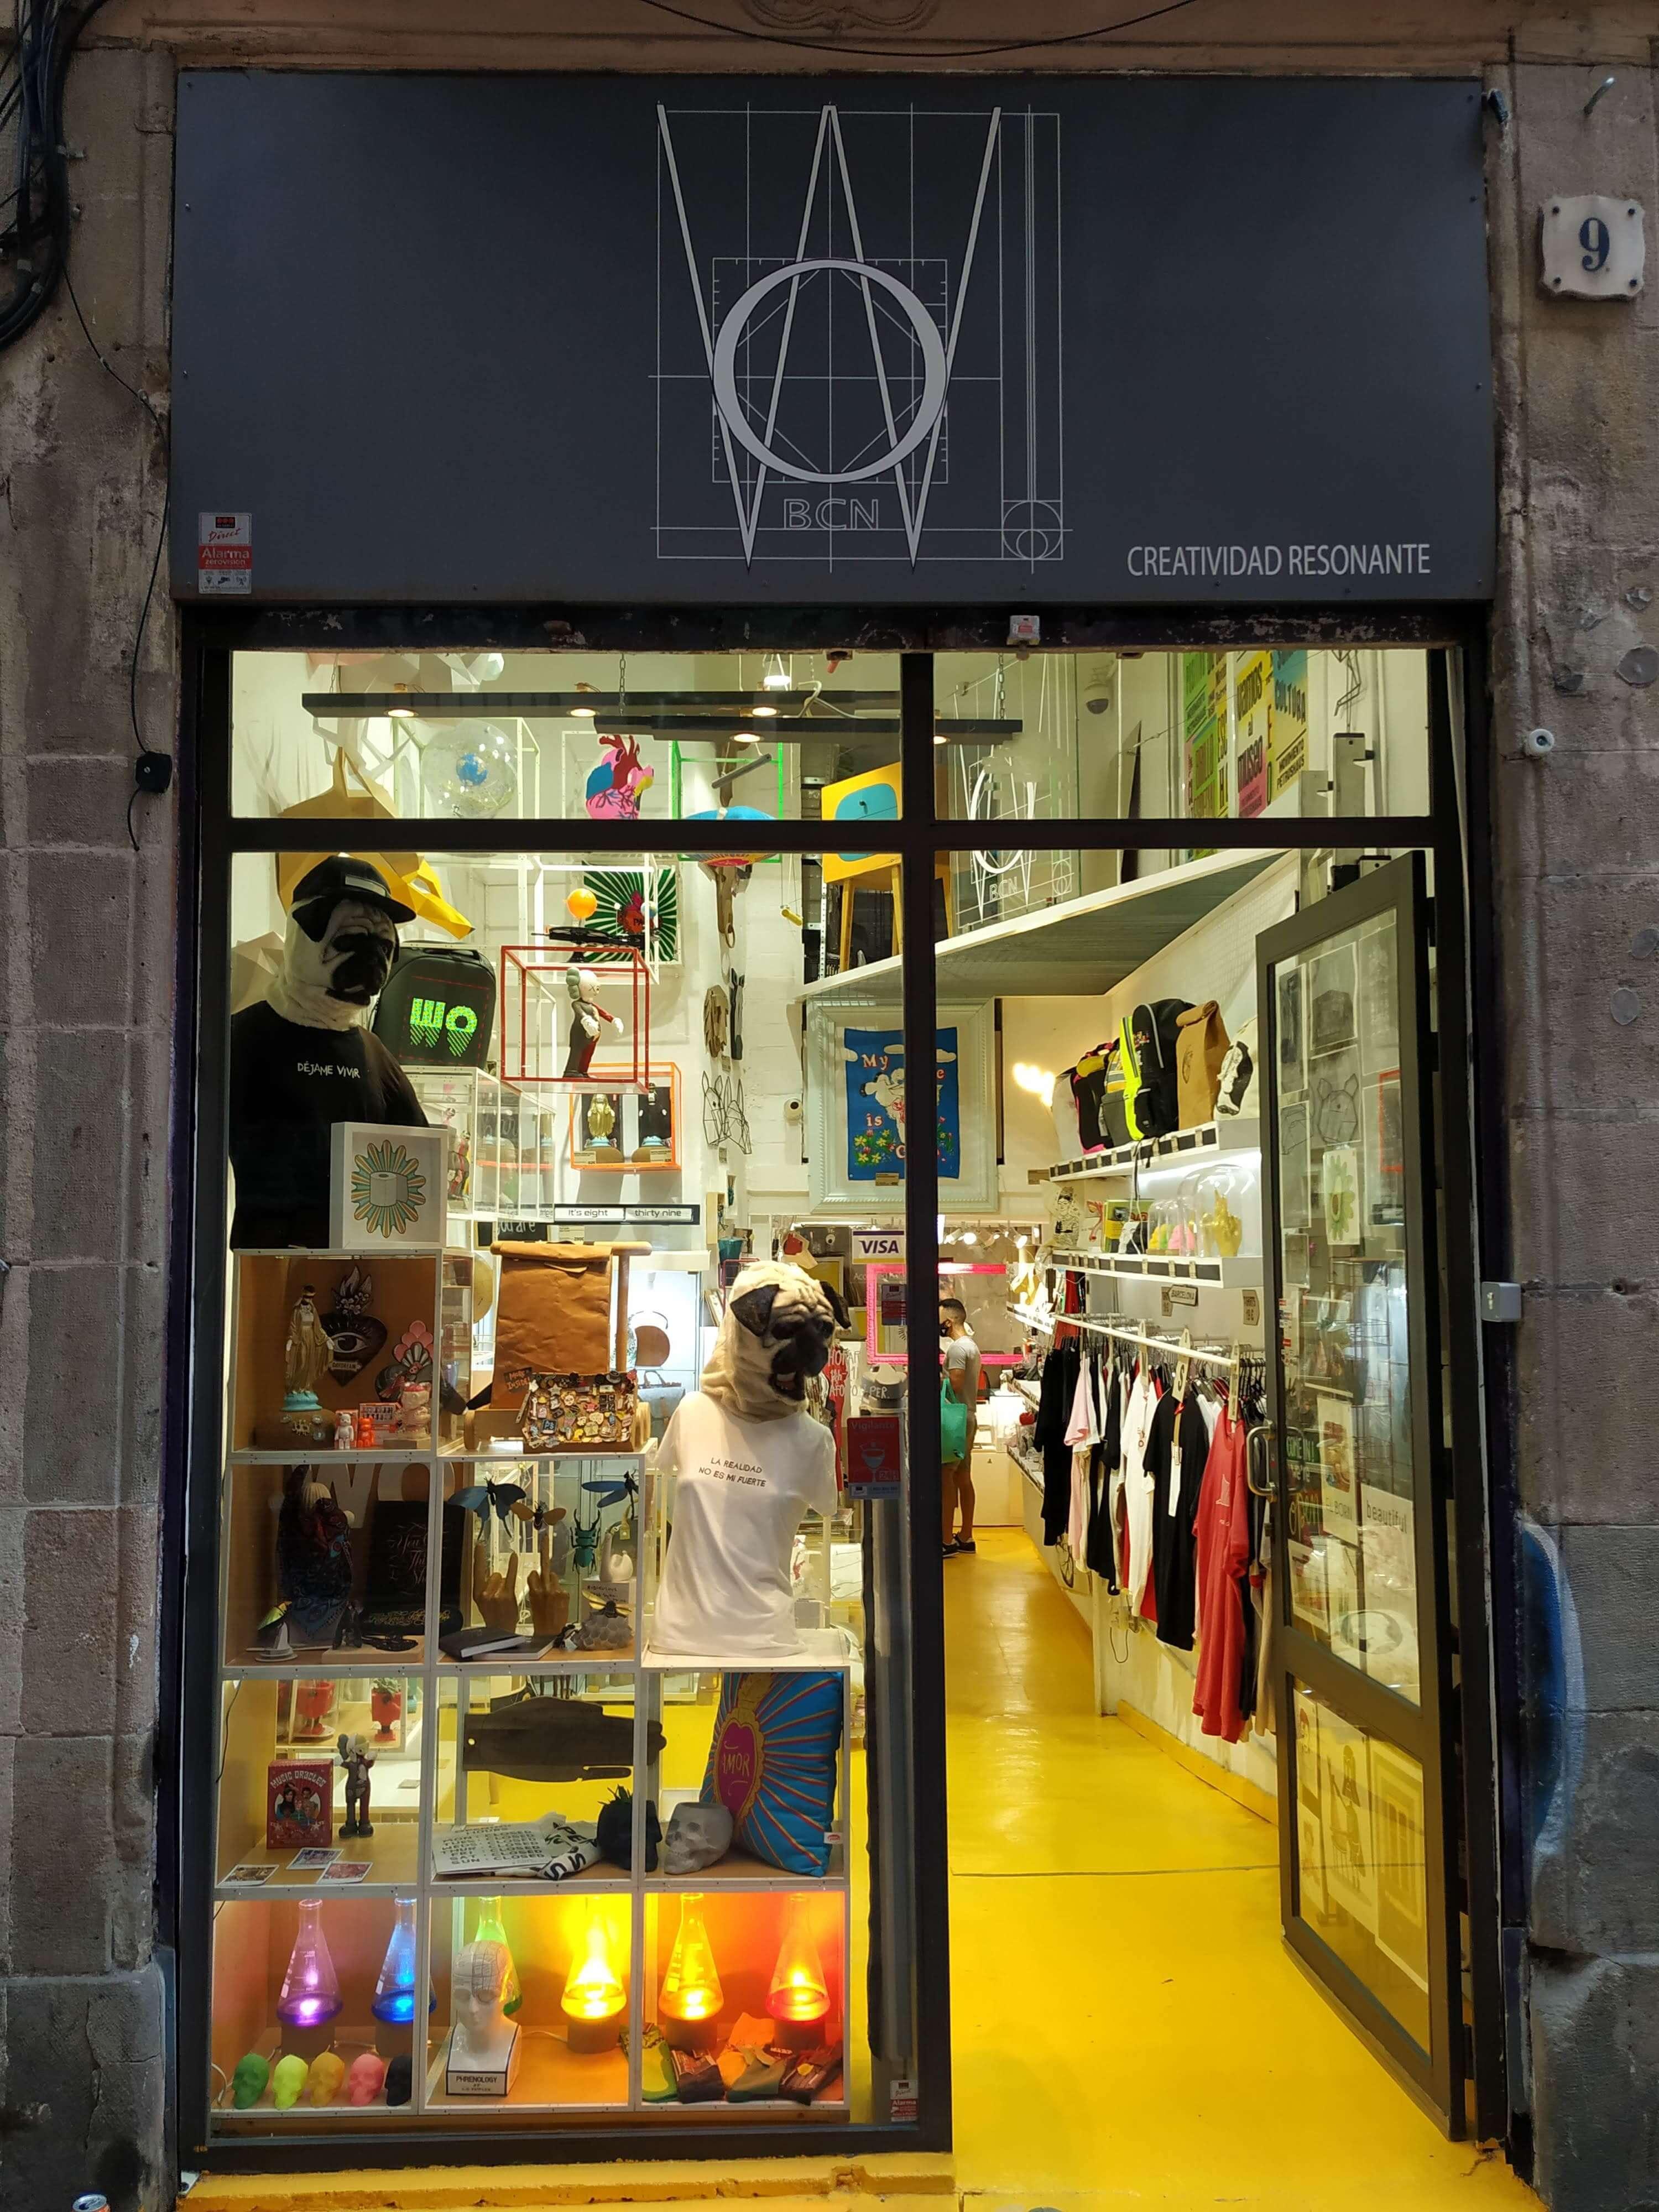 Wo Design Store Barcelona